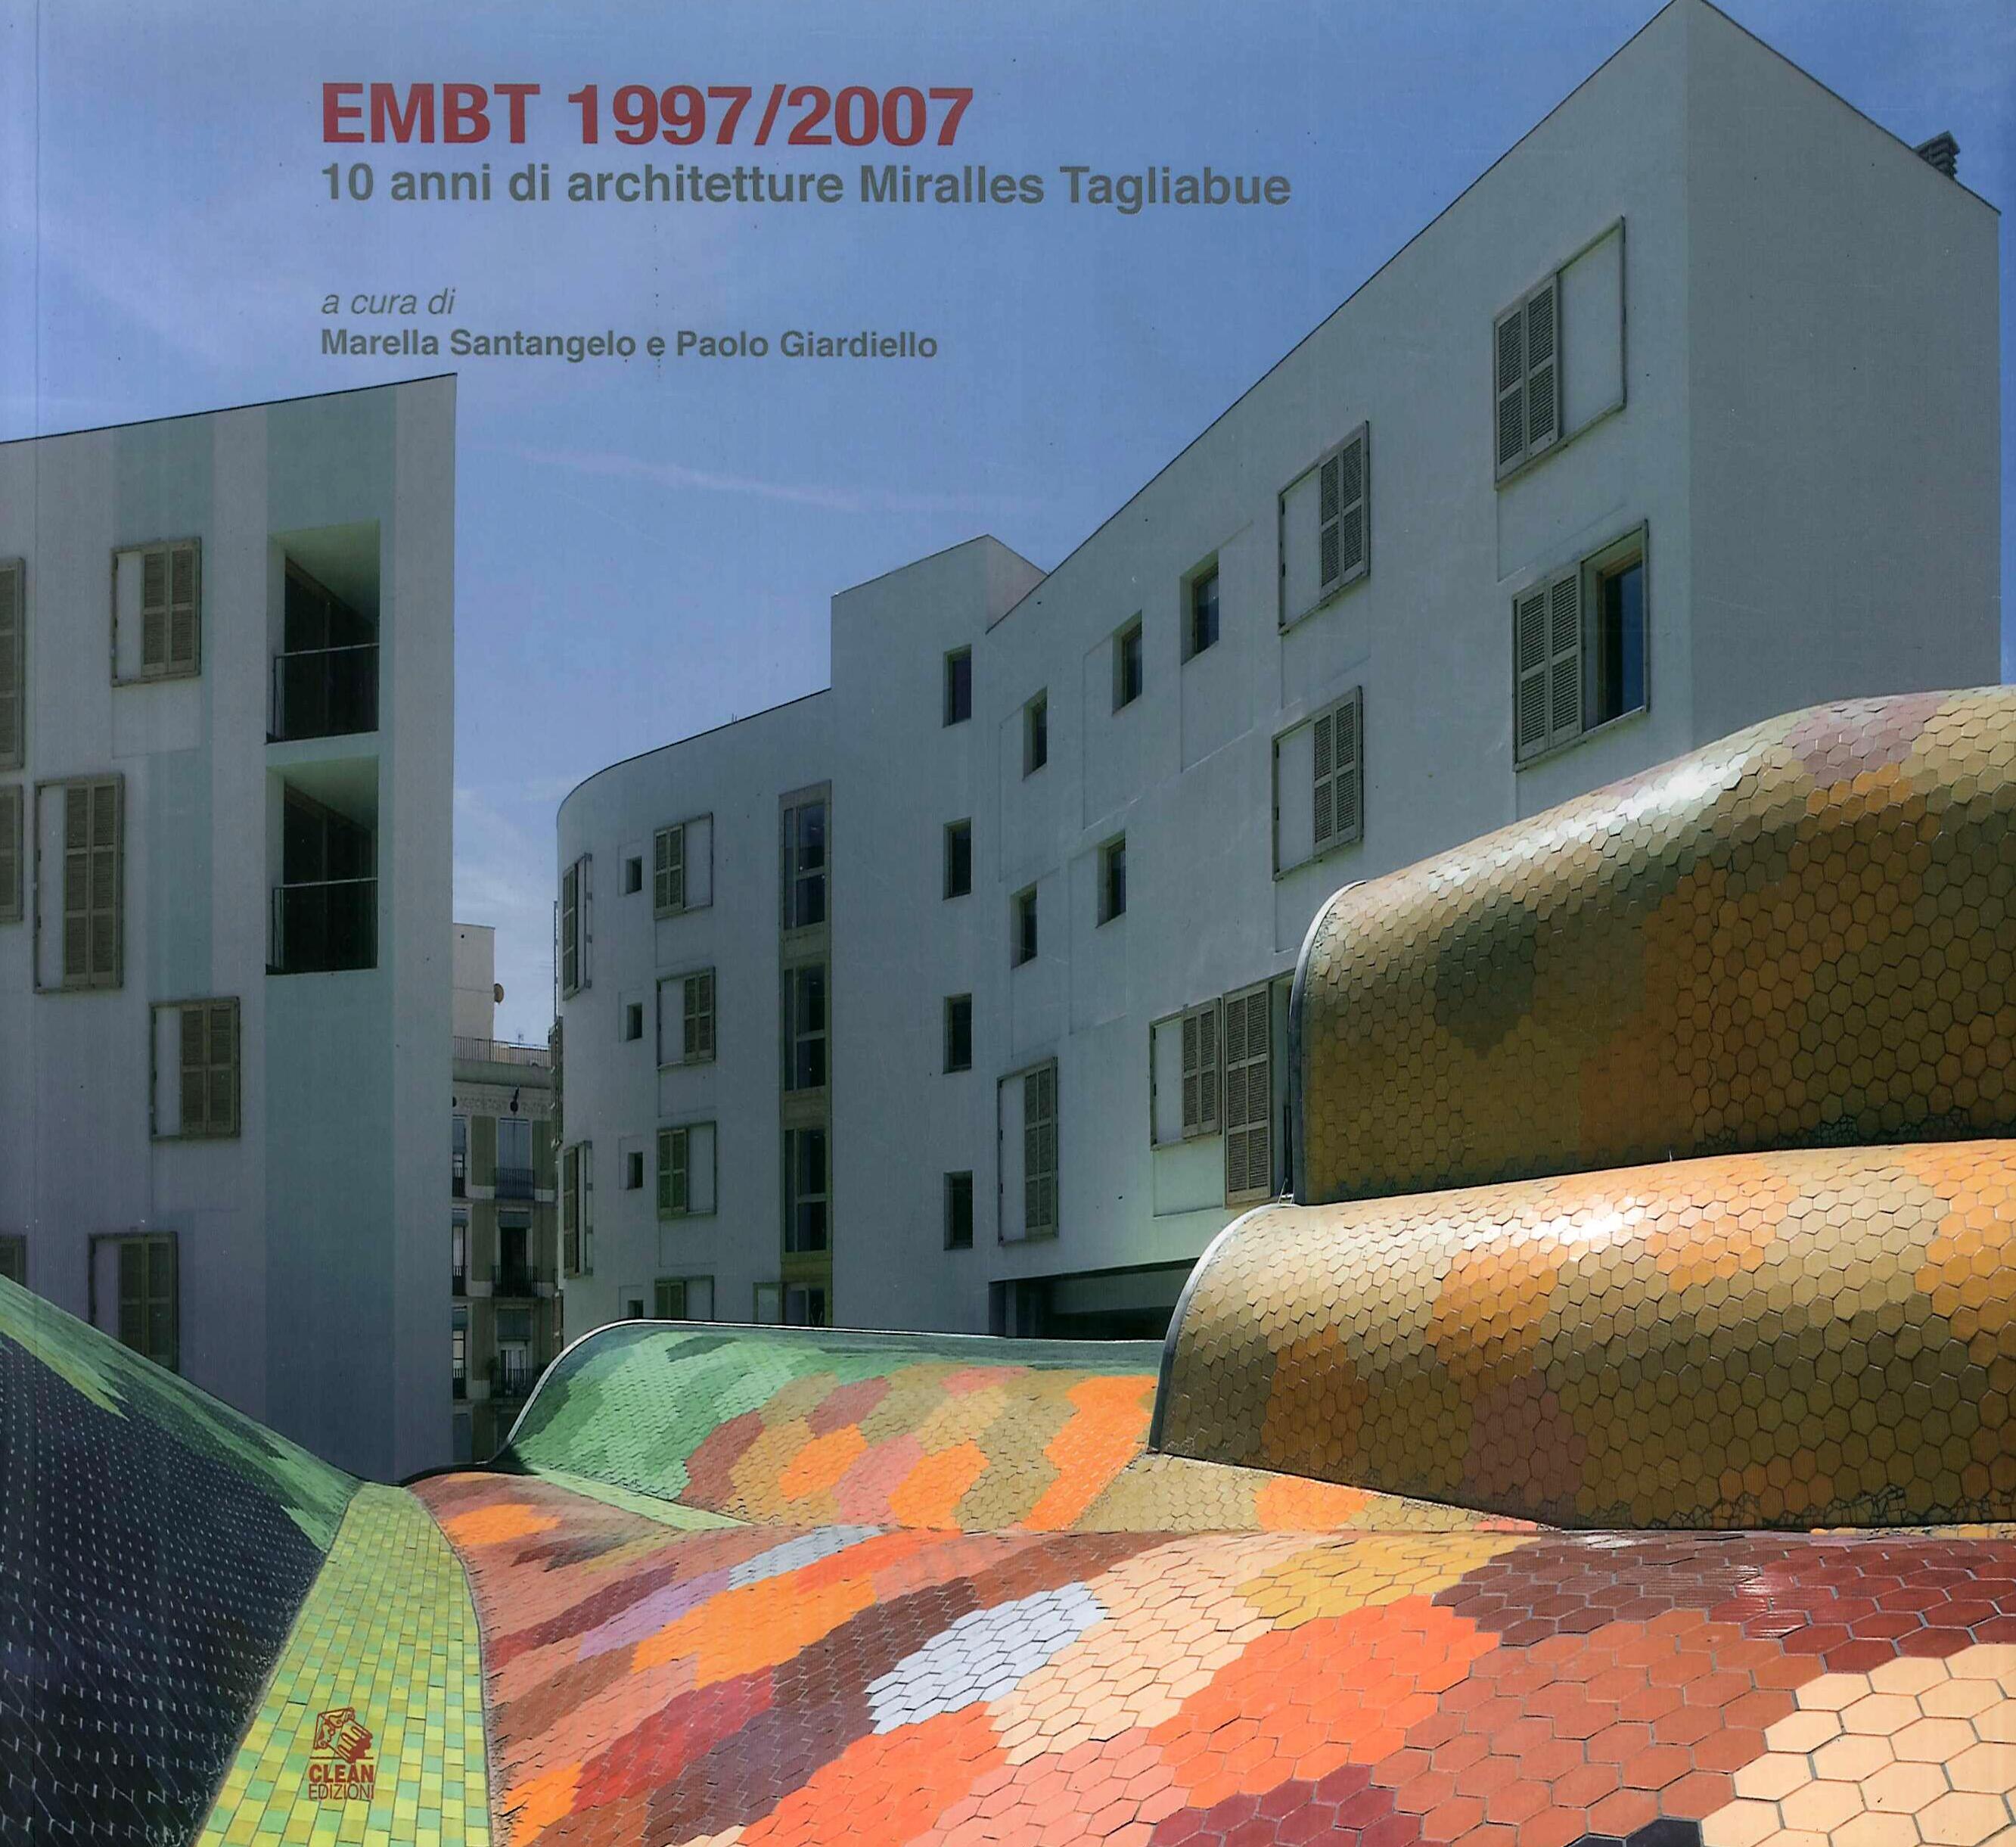 EMBT 1997/2007. 10 anni di architetture Miralles Tagliabue